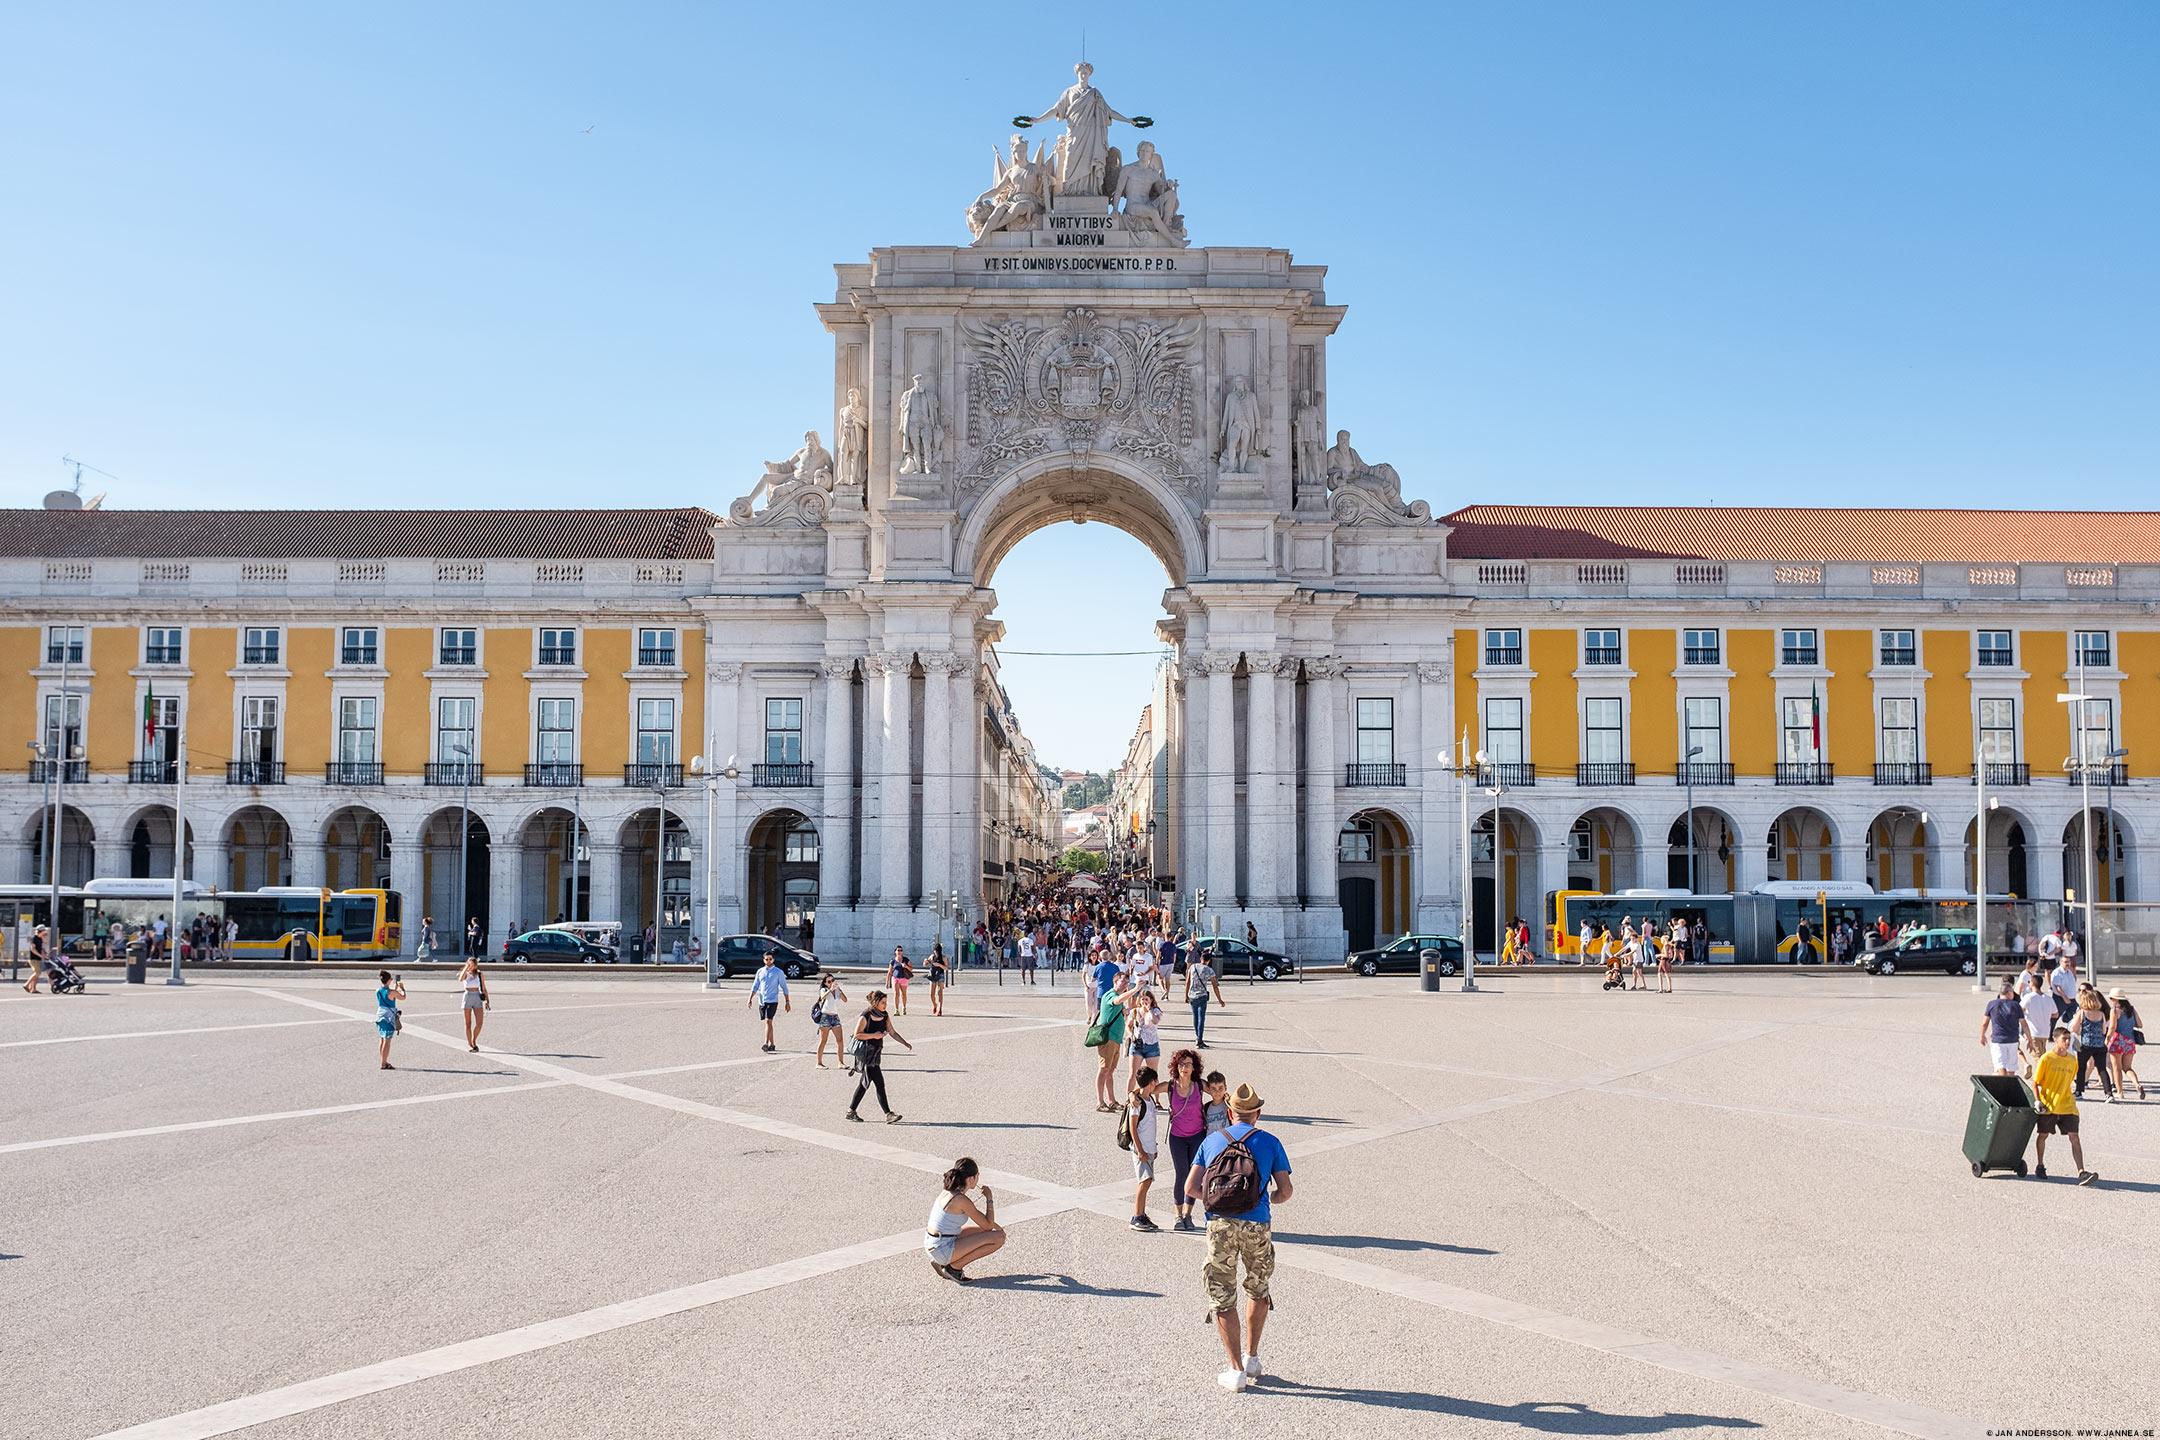 Praça do Comércio, Lissabon, Portugal |©Jan Andersson